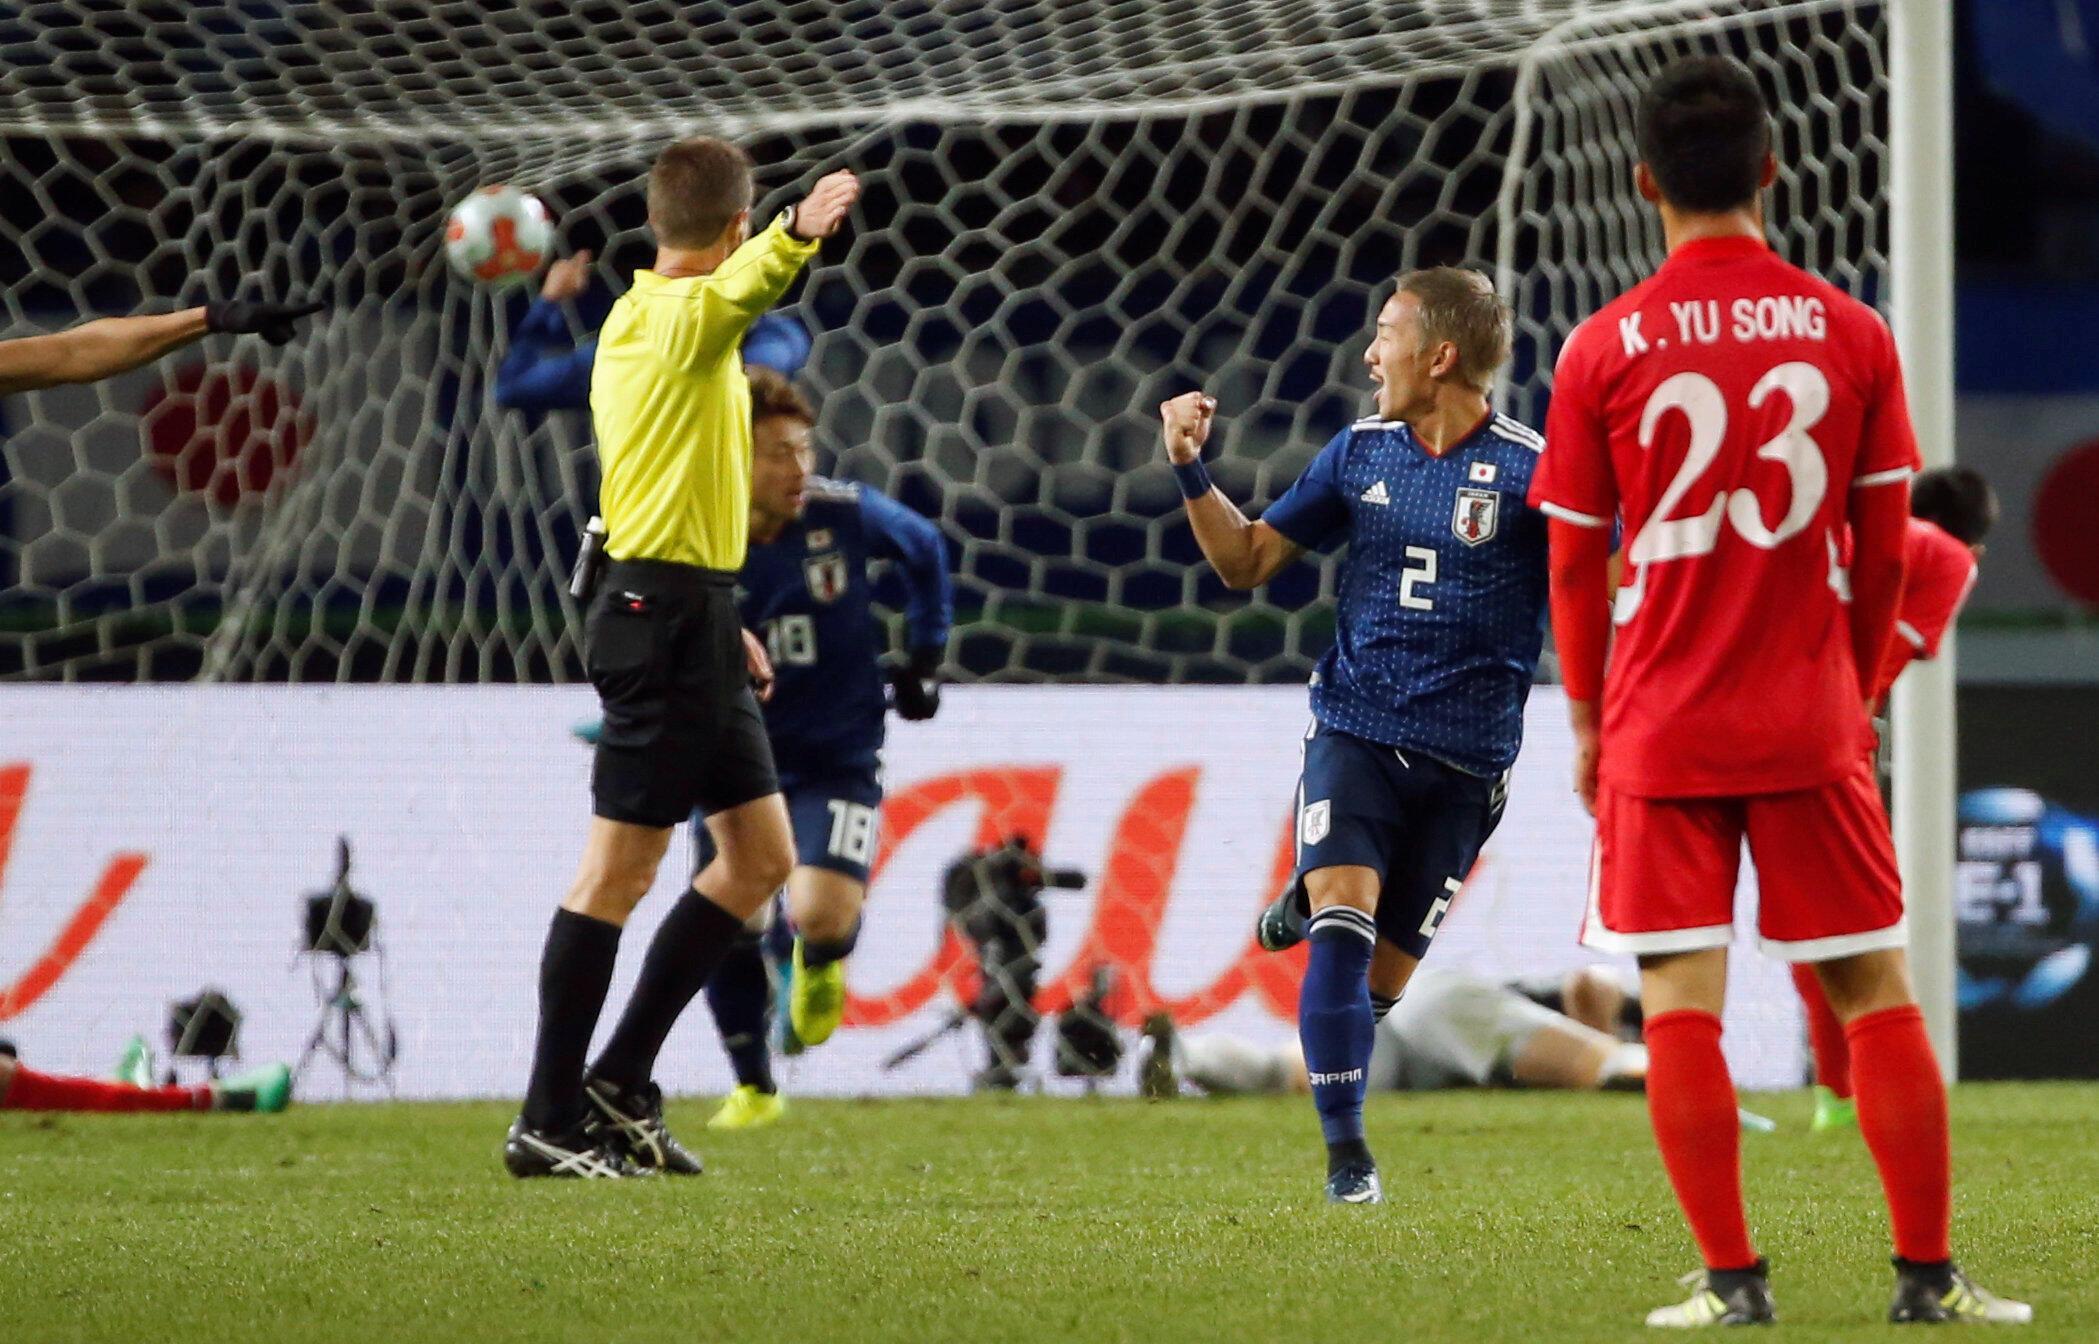 Cầu thủ Nhật Bản Yosuke Ideguchi (2) mừng rỡ sau khi ghi được bàn thắng trước đội tuyển Bắc Triều Tiên, nhân trận đấu ngày 09/12/2017 tại sân vận động Ajinomoto, Tokyo (Nhật Bản).